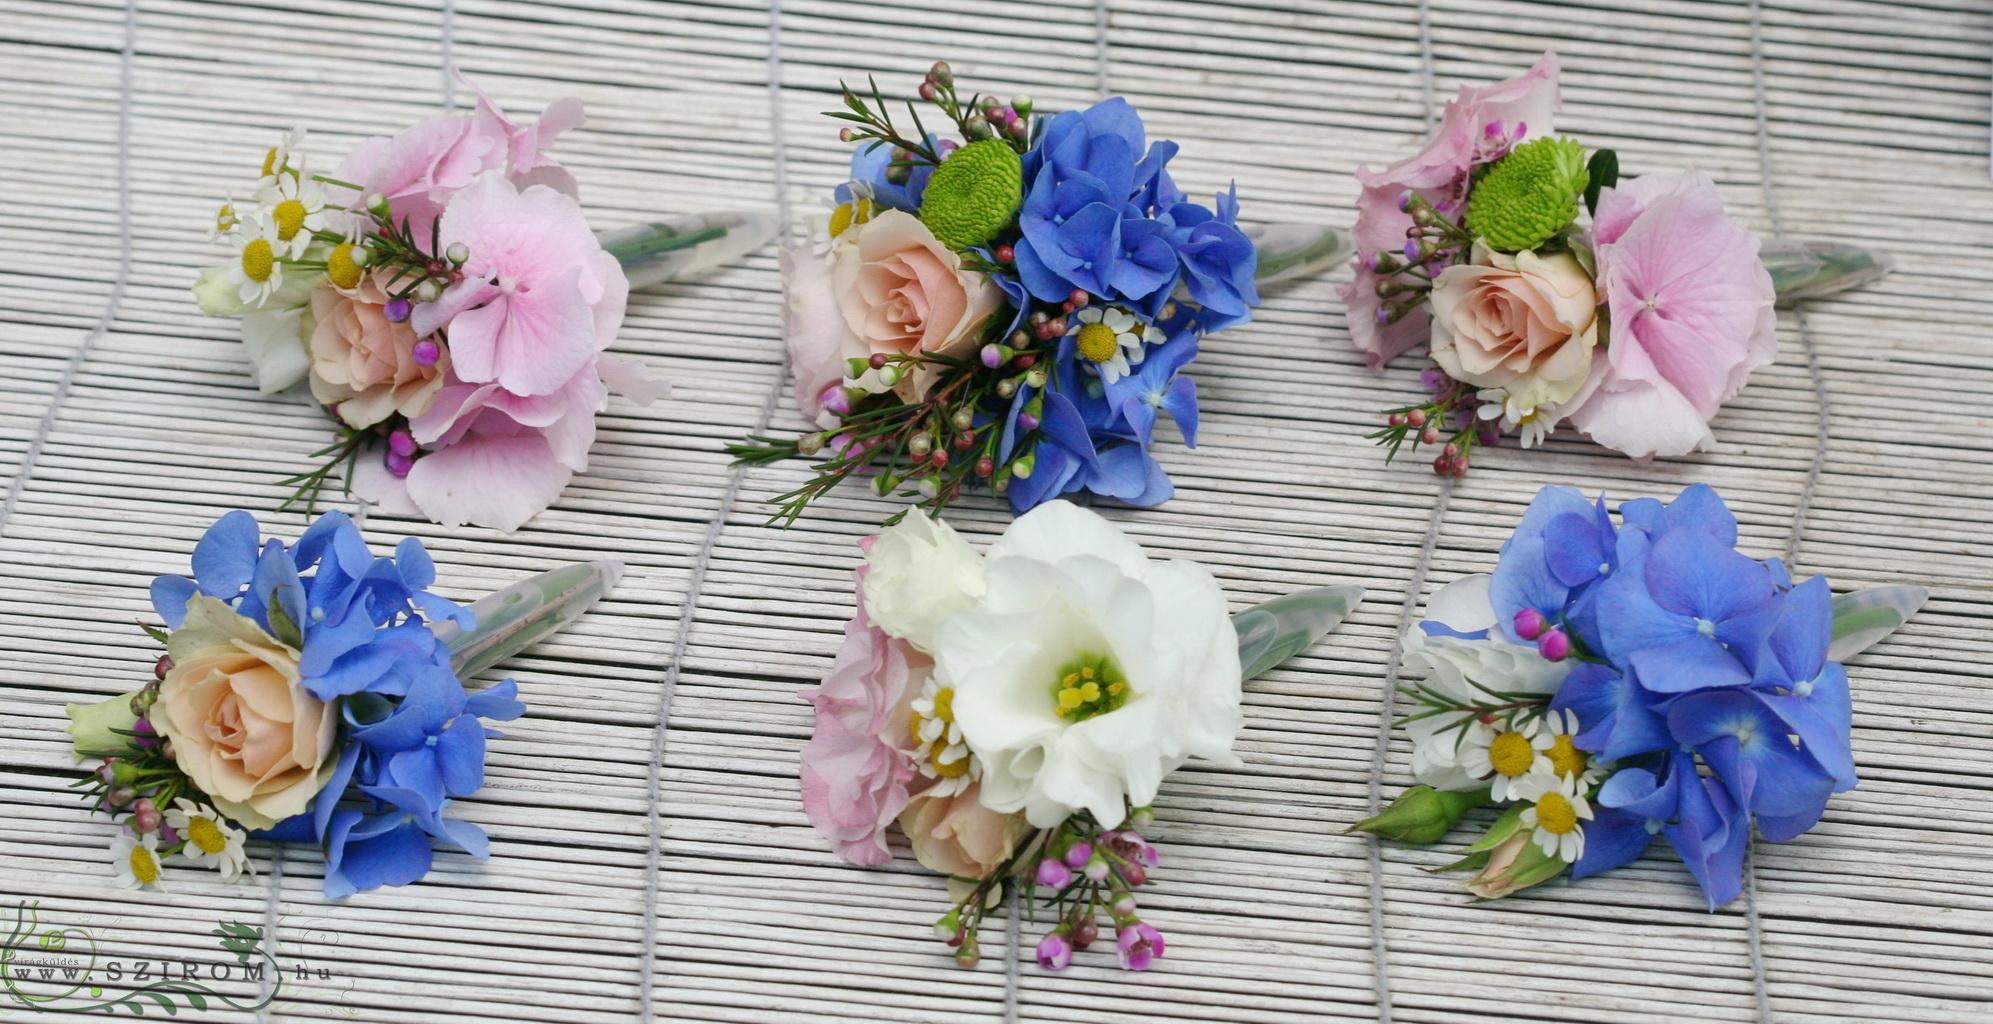 bacbdde712 Szirom Esküvői Virág Dekoráció Budapest, Menyasszonyi csokor, Esküvői  virágok, Dekoráció